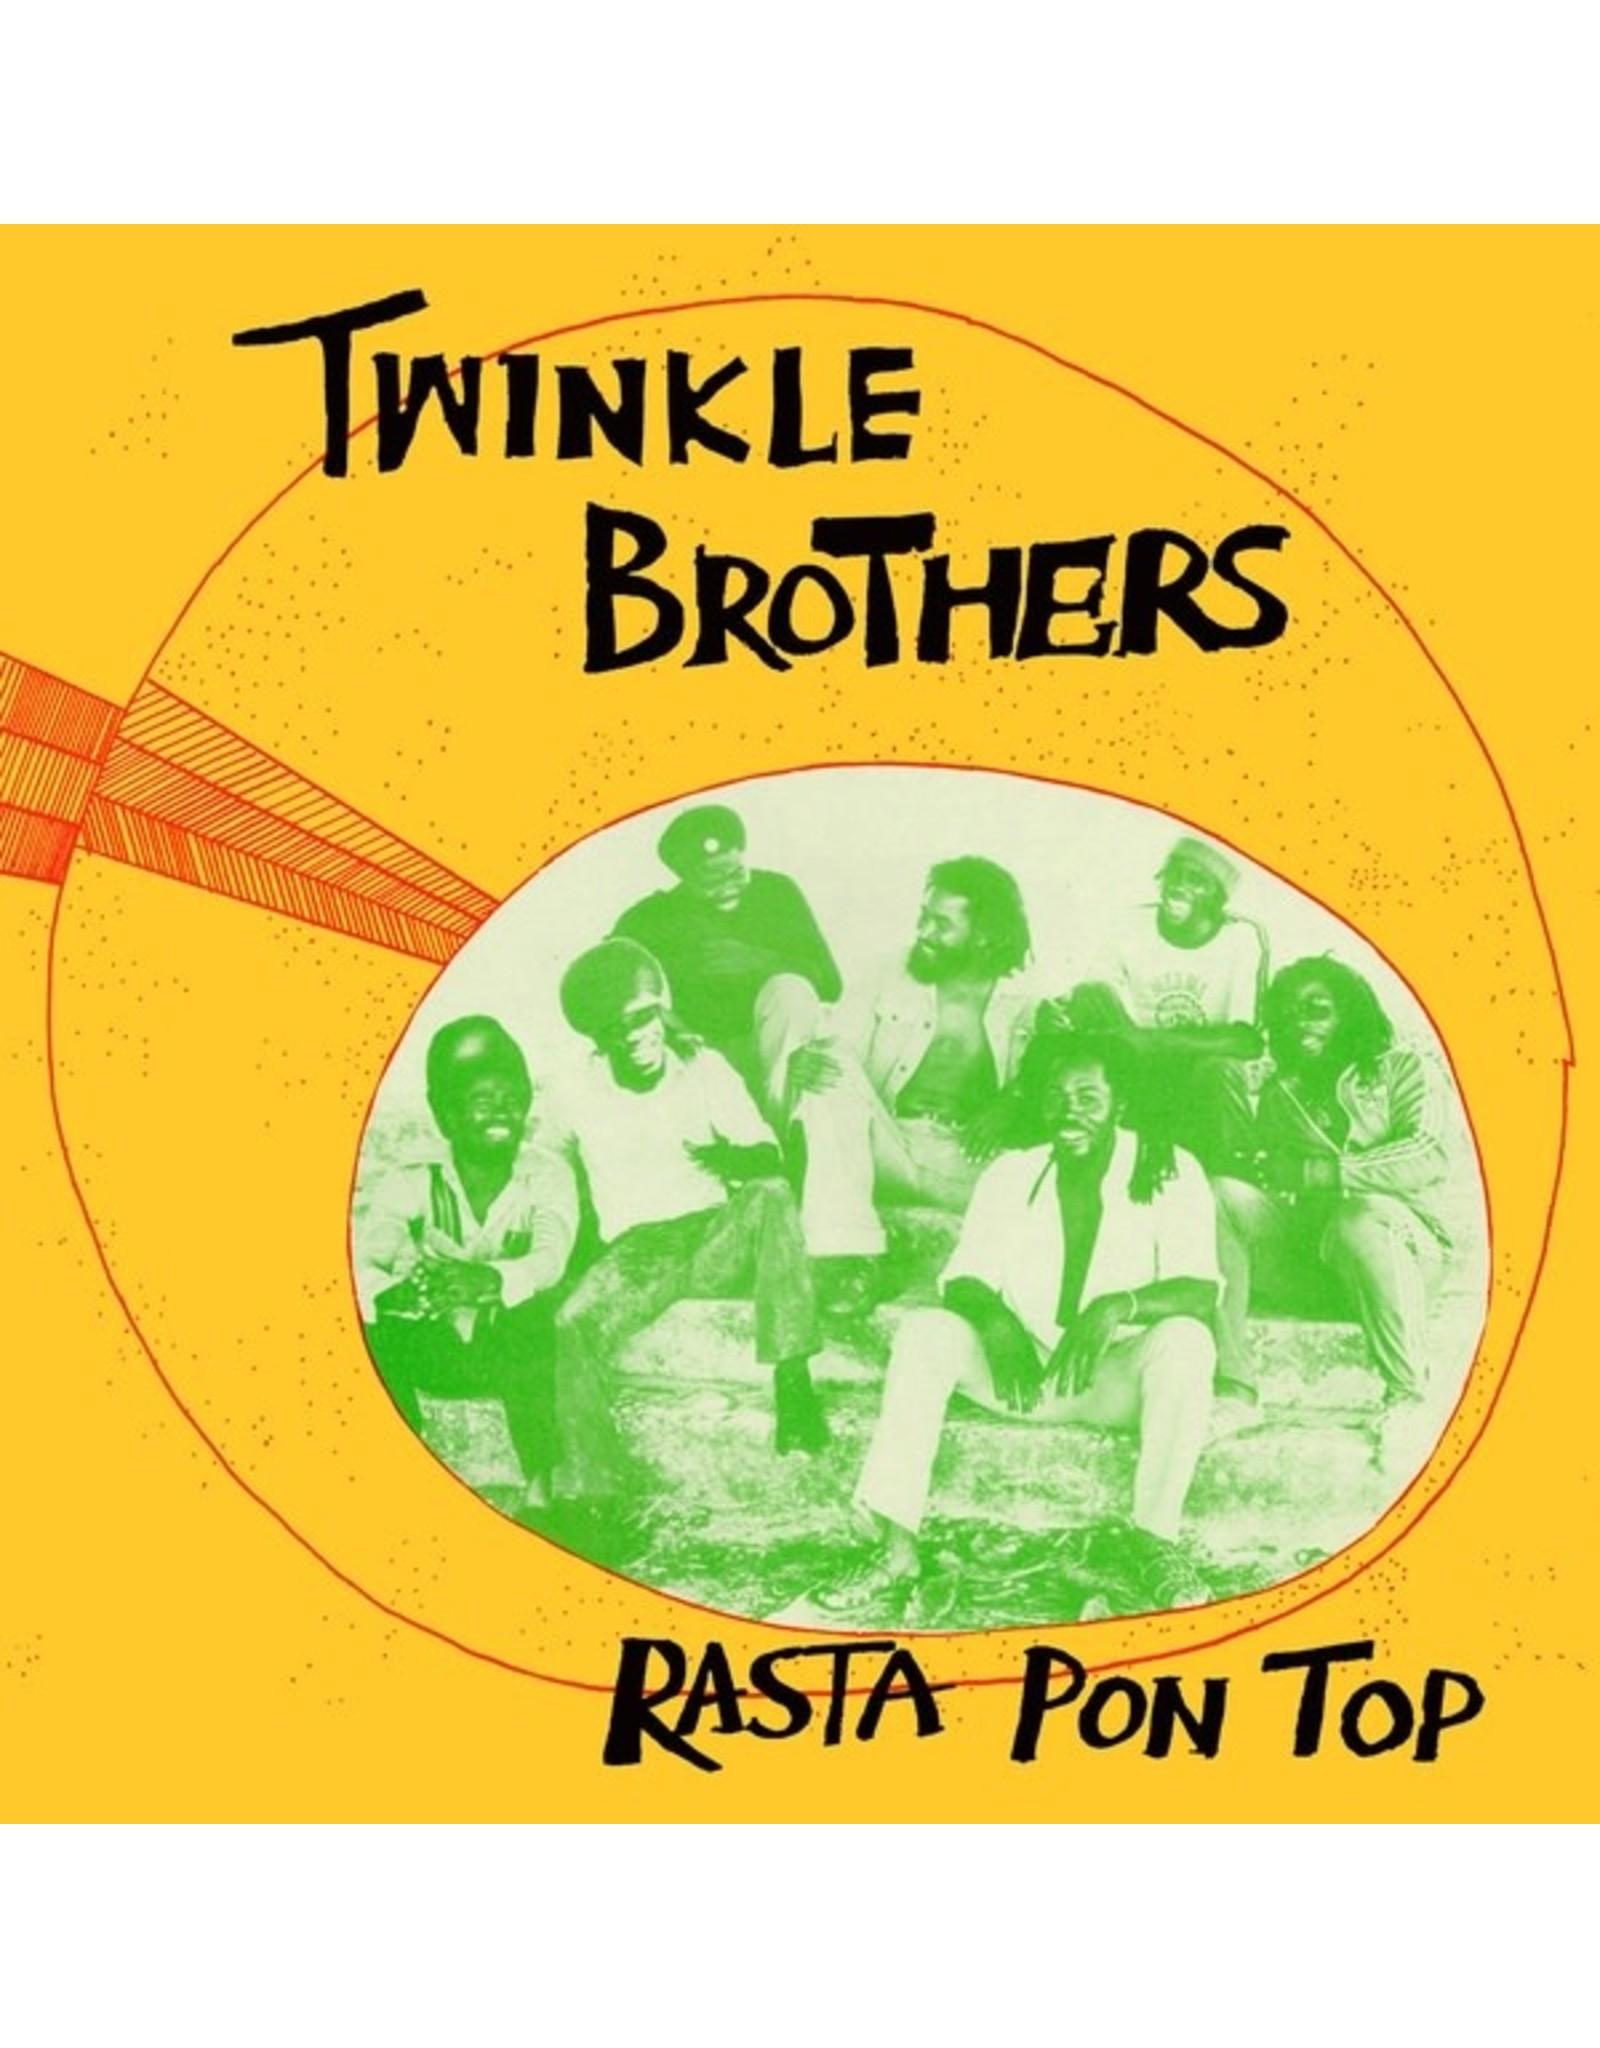 New Vinyl Twinkle Brothers - Rasta Pon Top LP